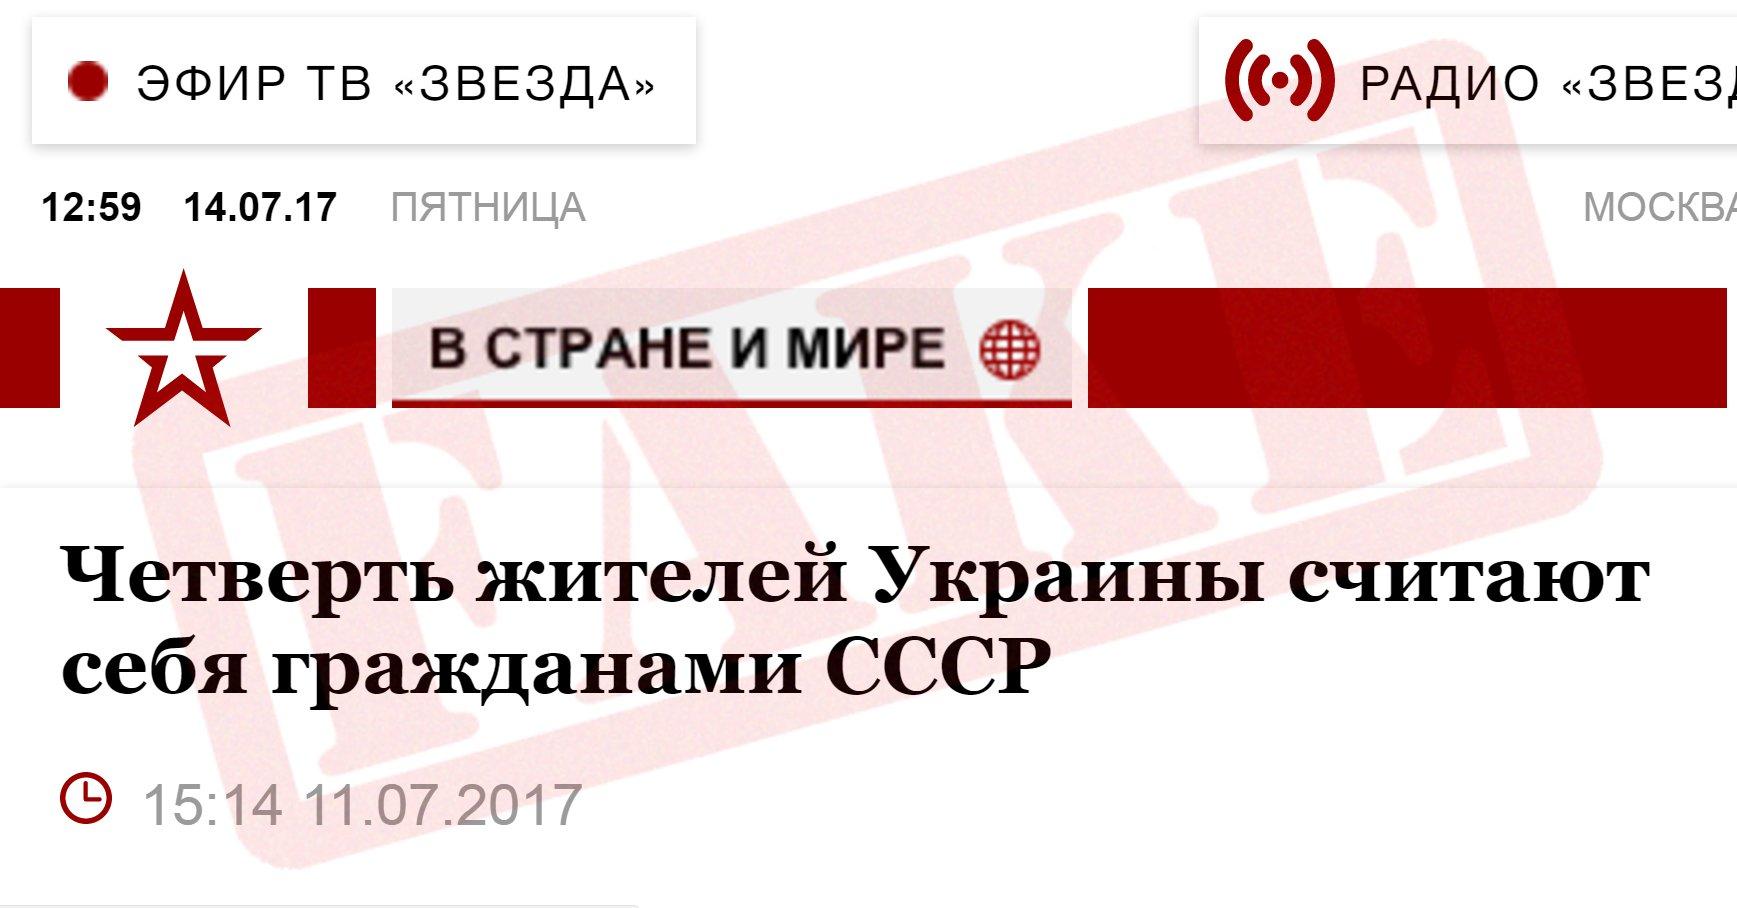 Никто не будет закрывать Академию сухопутных сил во Львове, - Порошенко - Цензор.НЕТ 591